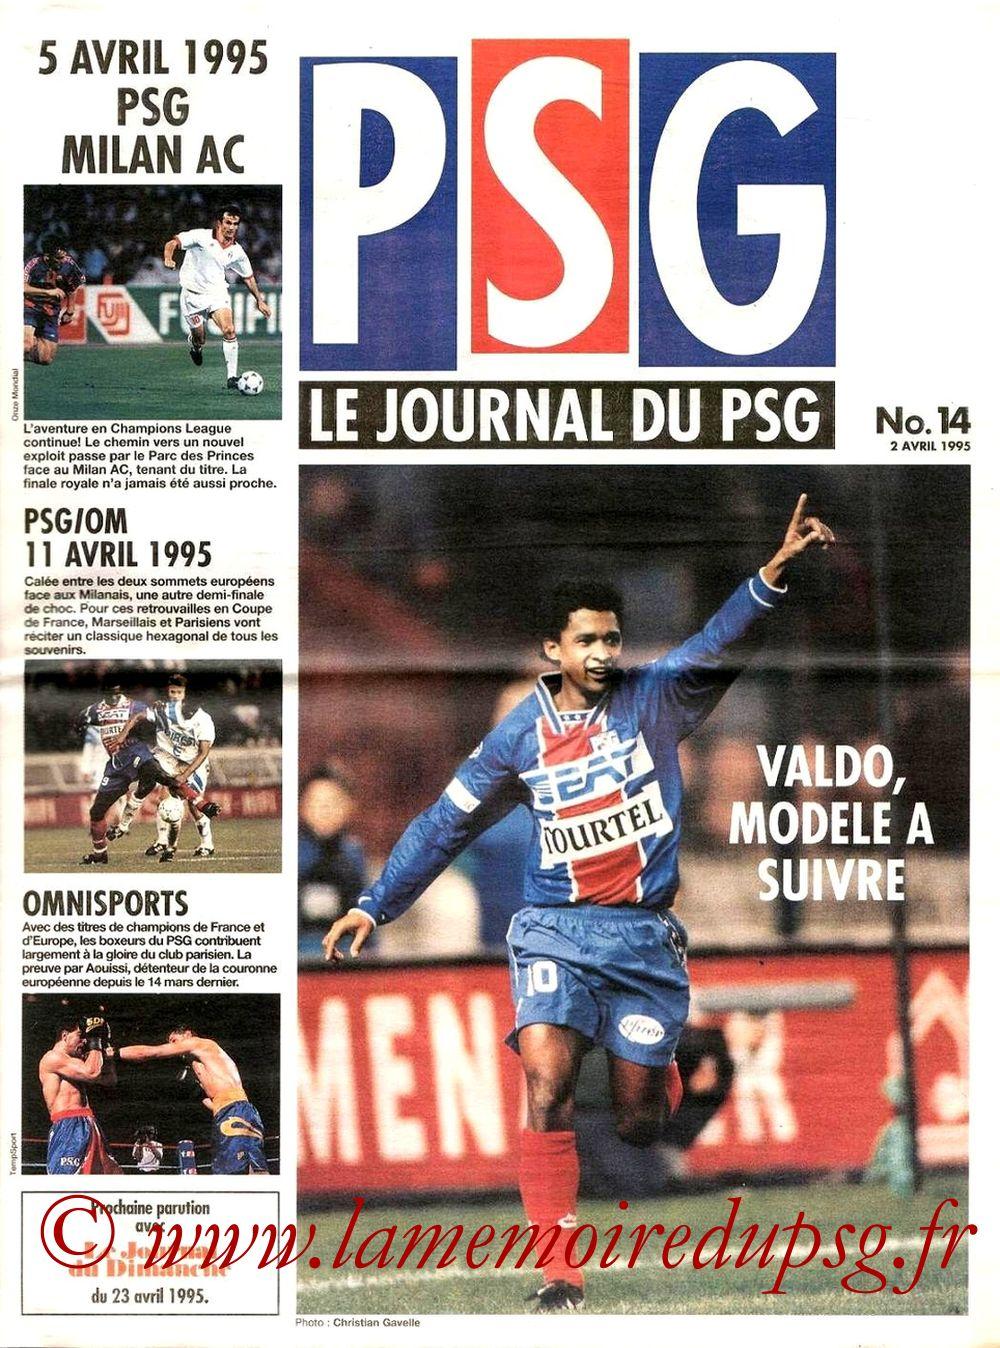 1995-04-11  PSG-Marseille (Demi-Finale CF, Le journal du PSG N°14)